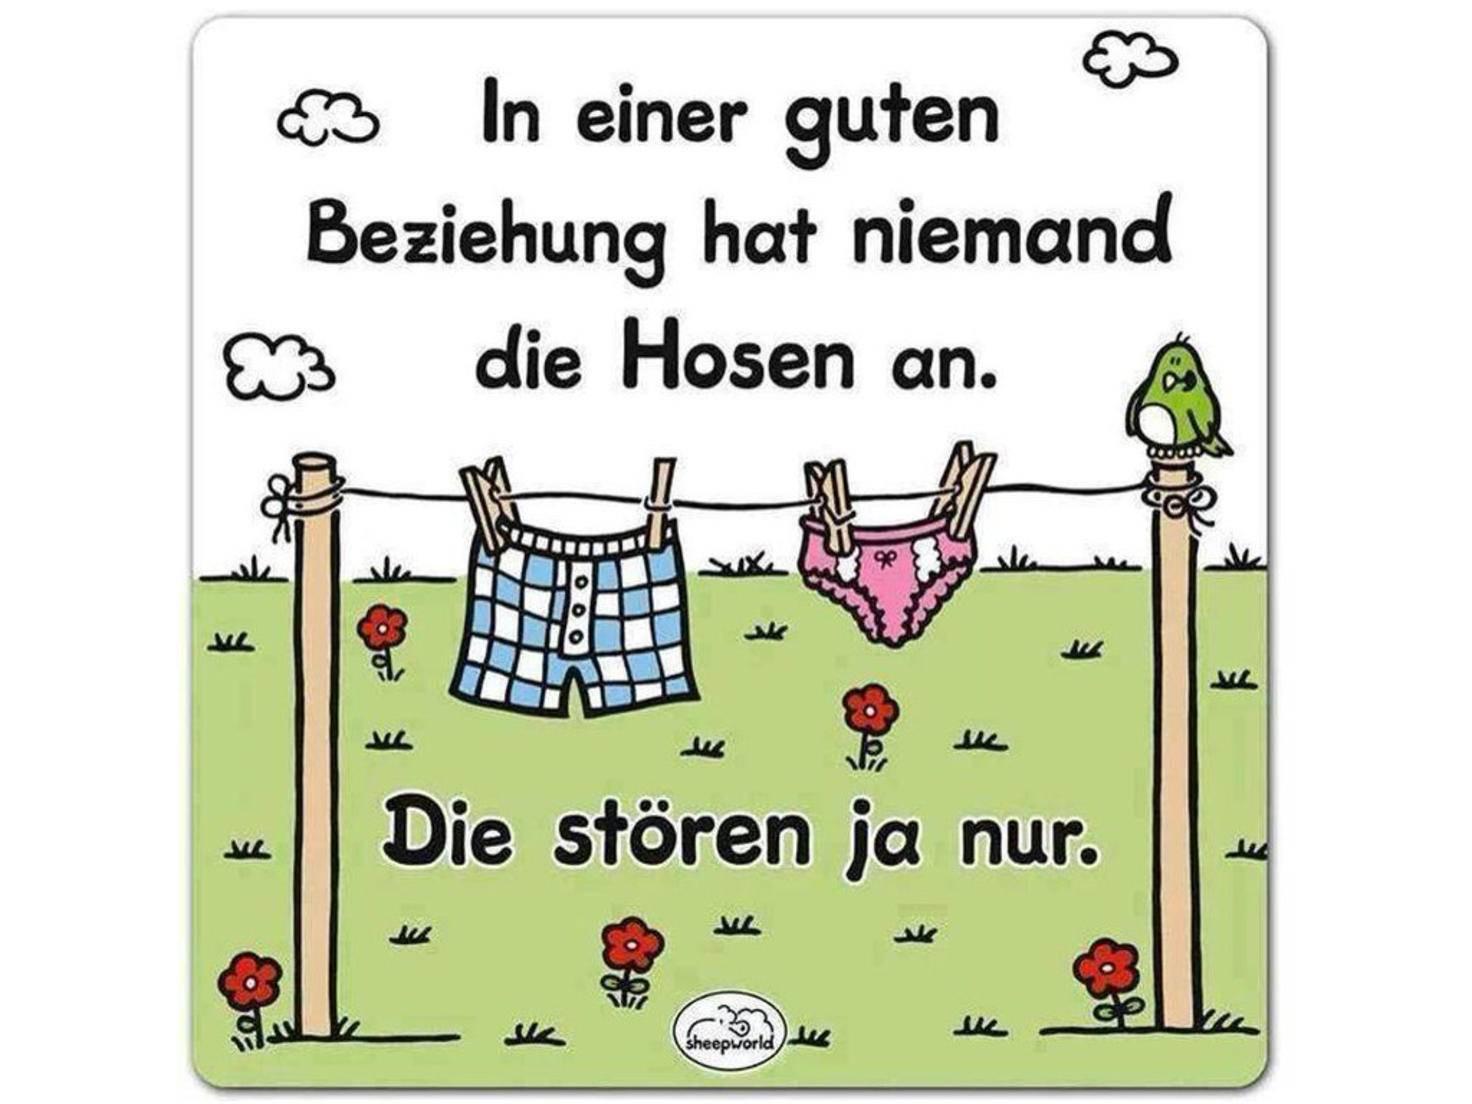 Facebook Sprüche Facebook_Sprüchewelt